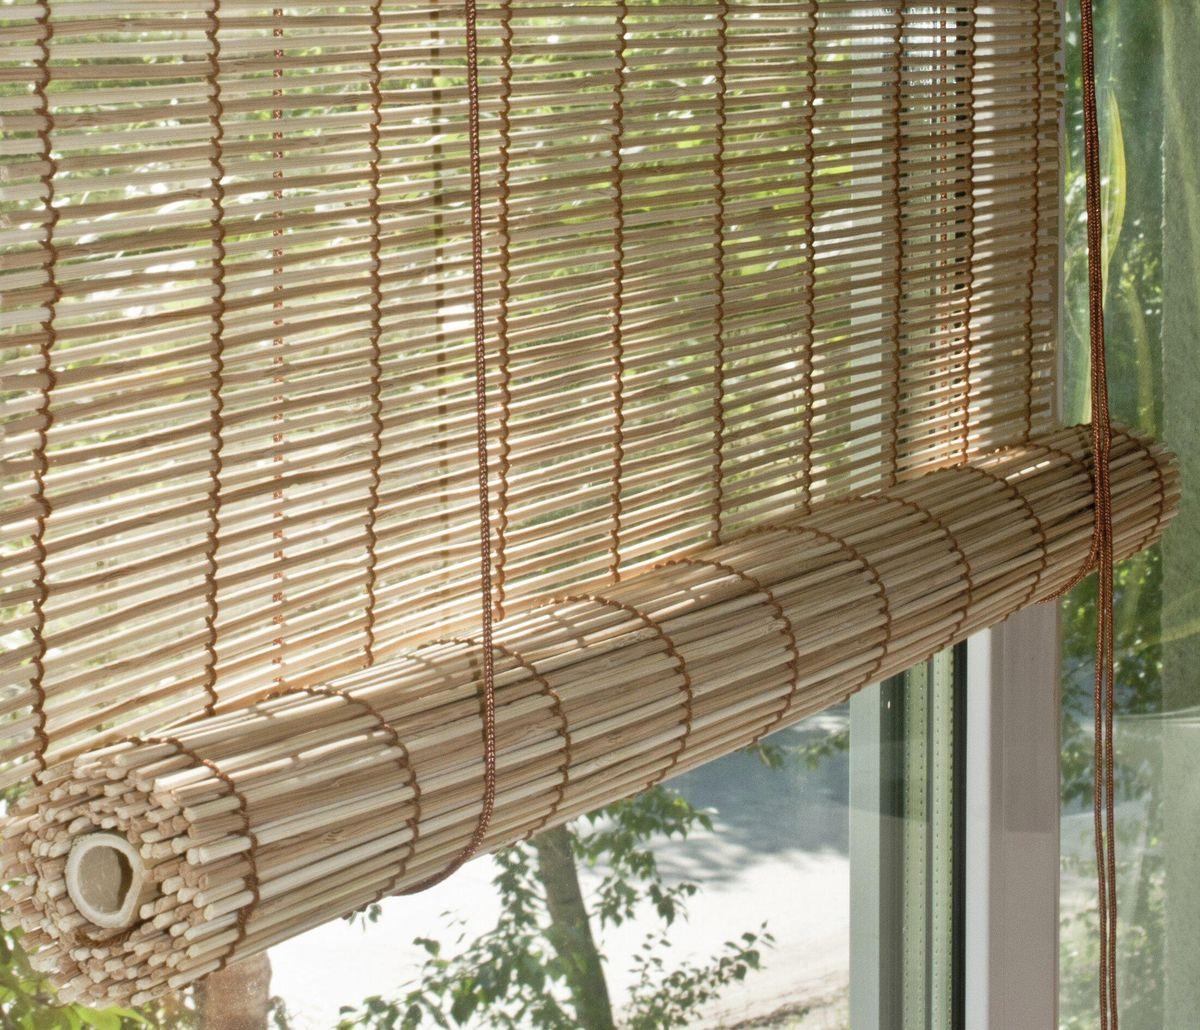 Штора рулонная Эскар Бамбук, цвет: натуральный микс, ширина 160 см, высота 160 см71909160180При оформлении интерьера современных помещений многие отдают предпочтение природным материалам. Штора рулонная Эскар Бамбук – одно из натуральных изделий, способное сделать атмосферу помещения более уютной и в то же время необычной. Свойства бамбука уникальны: он экологически чист, так как быстро вырастает, благодаря чему не успевает накопить вредные вещества из окружающей среды. Кроме того, растение обладает противомикробным и антибактериальным действием. Занавеси из бамбука безопасно использовать в помещениях, где находятся новорожденные дети и люди, склонные к аллергии. Они незаменимы для тех, кто заботится о своем здоровье и уделяет внимание высокому уровню жизни.